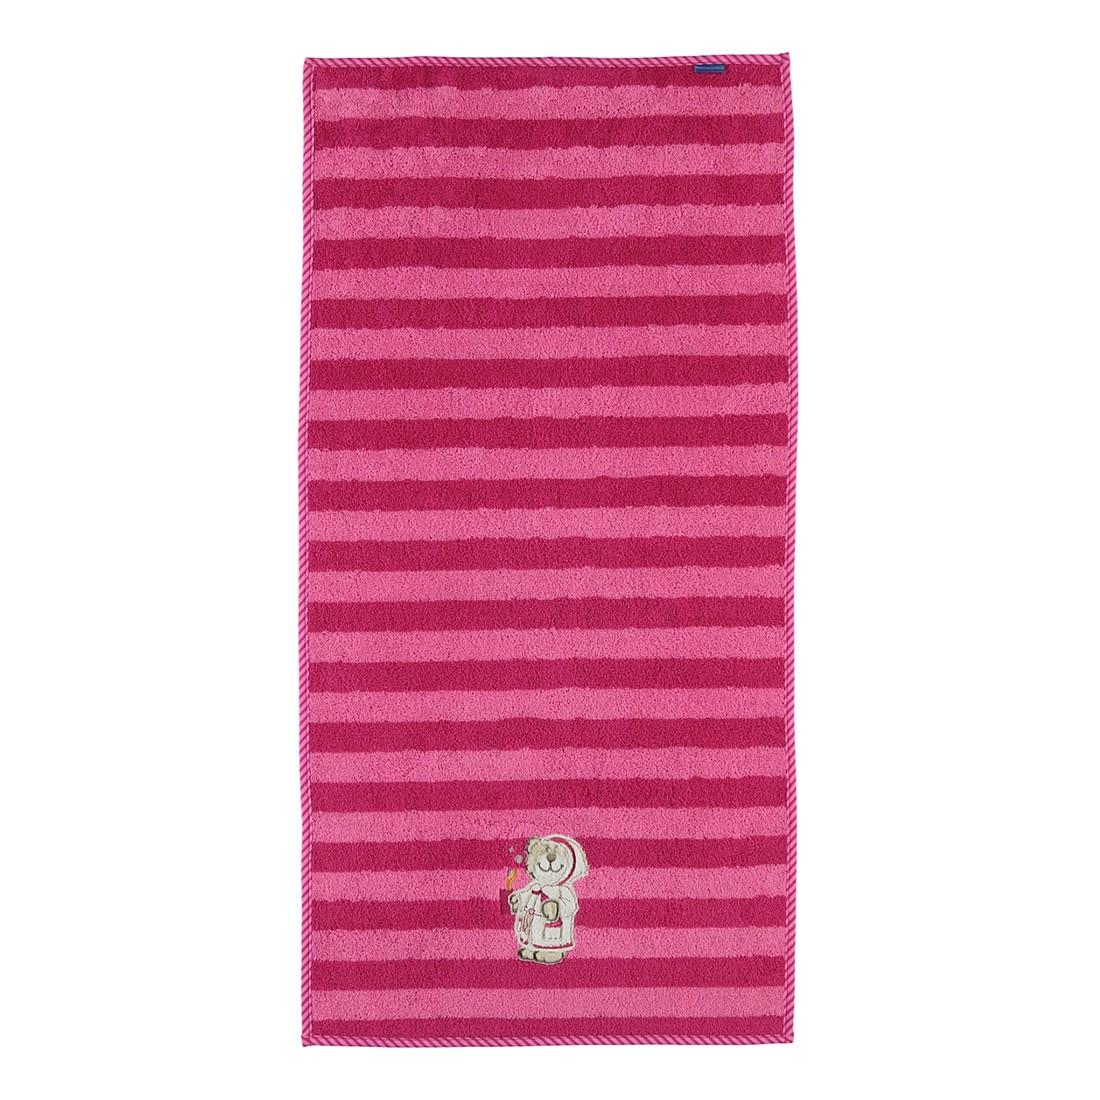 Handtuch Zottelbär – Baumwolle – Rosa, Morgenstern online kaufen